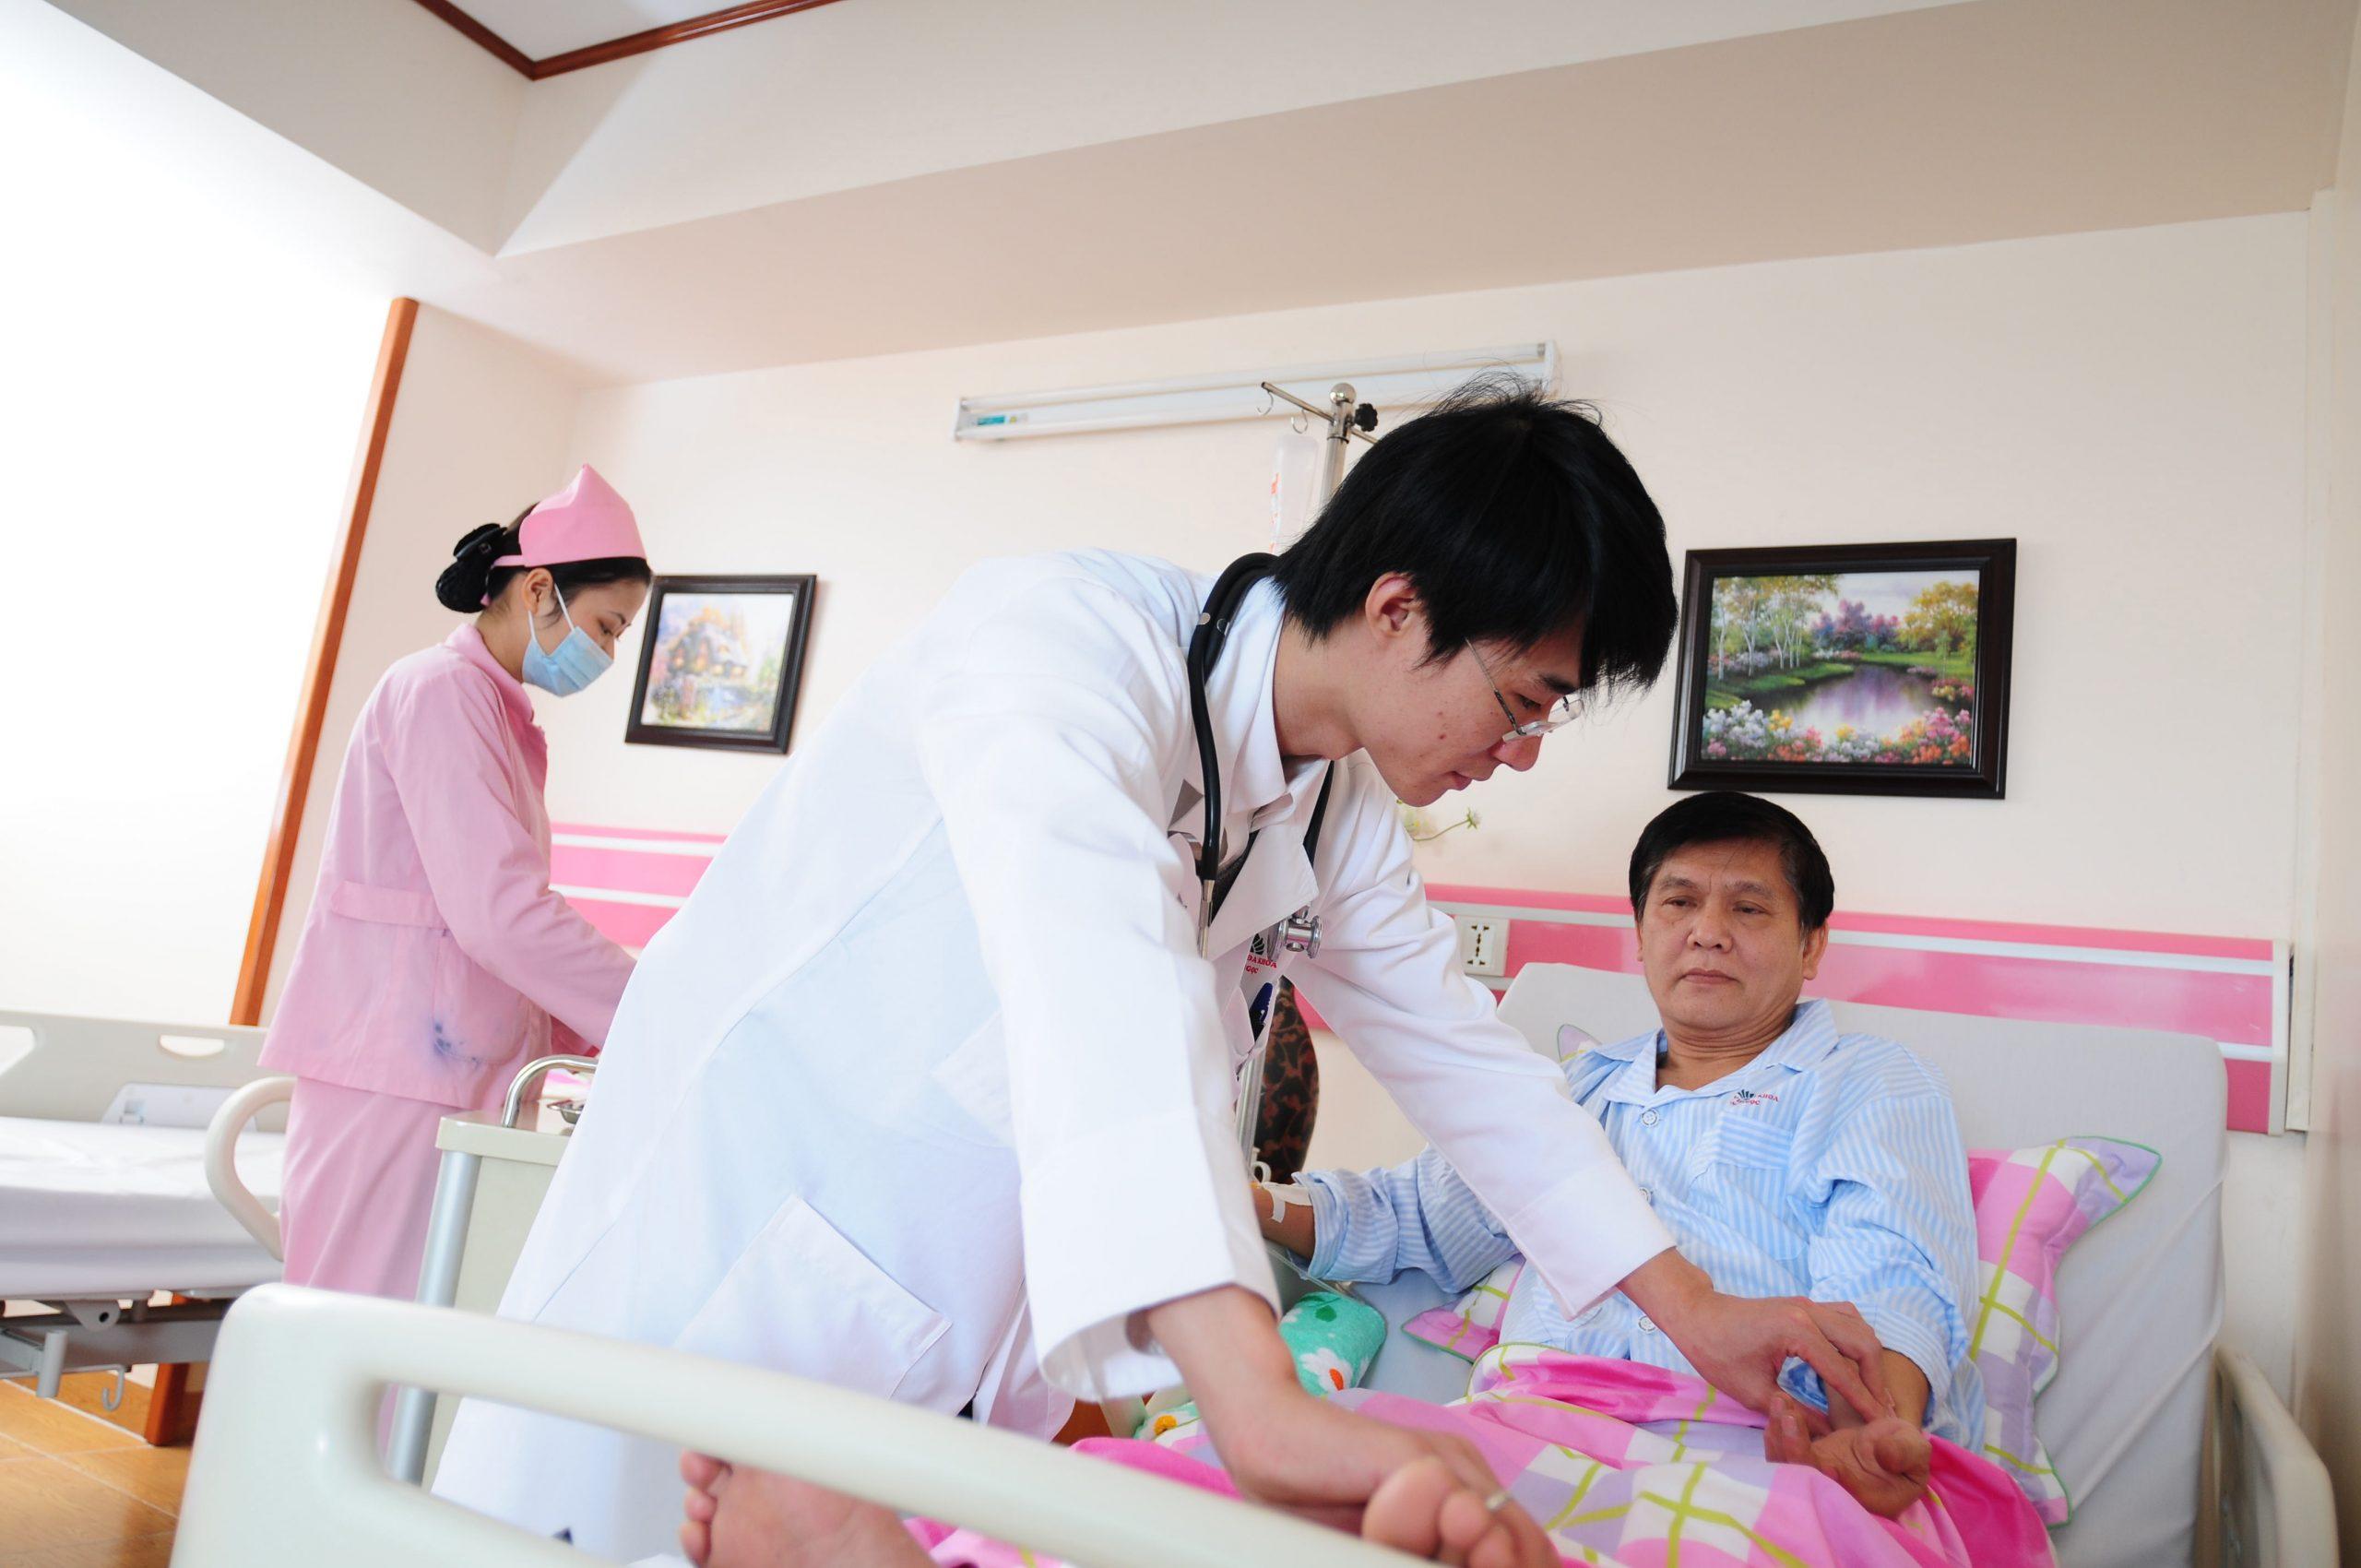 Cần tuân thủ chỉ định của bác sĩ trong quá trình điều trị xuất huyết dạ dày